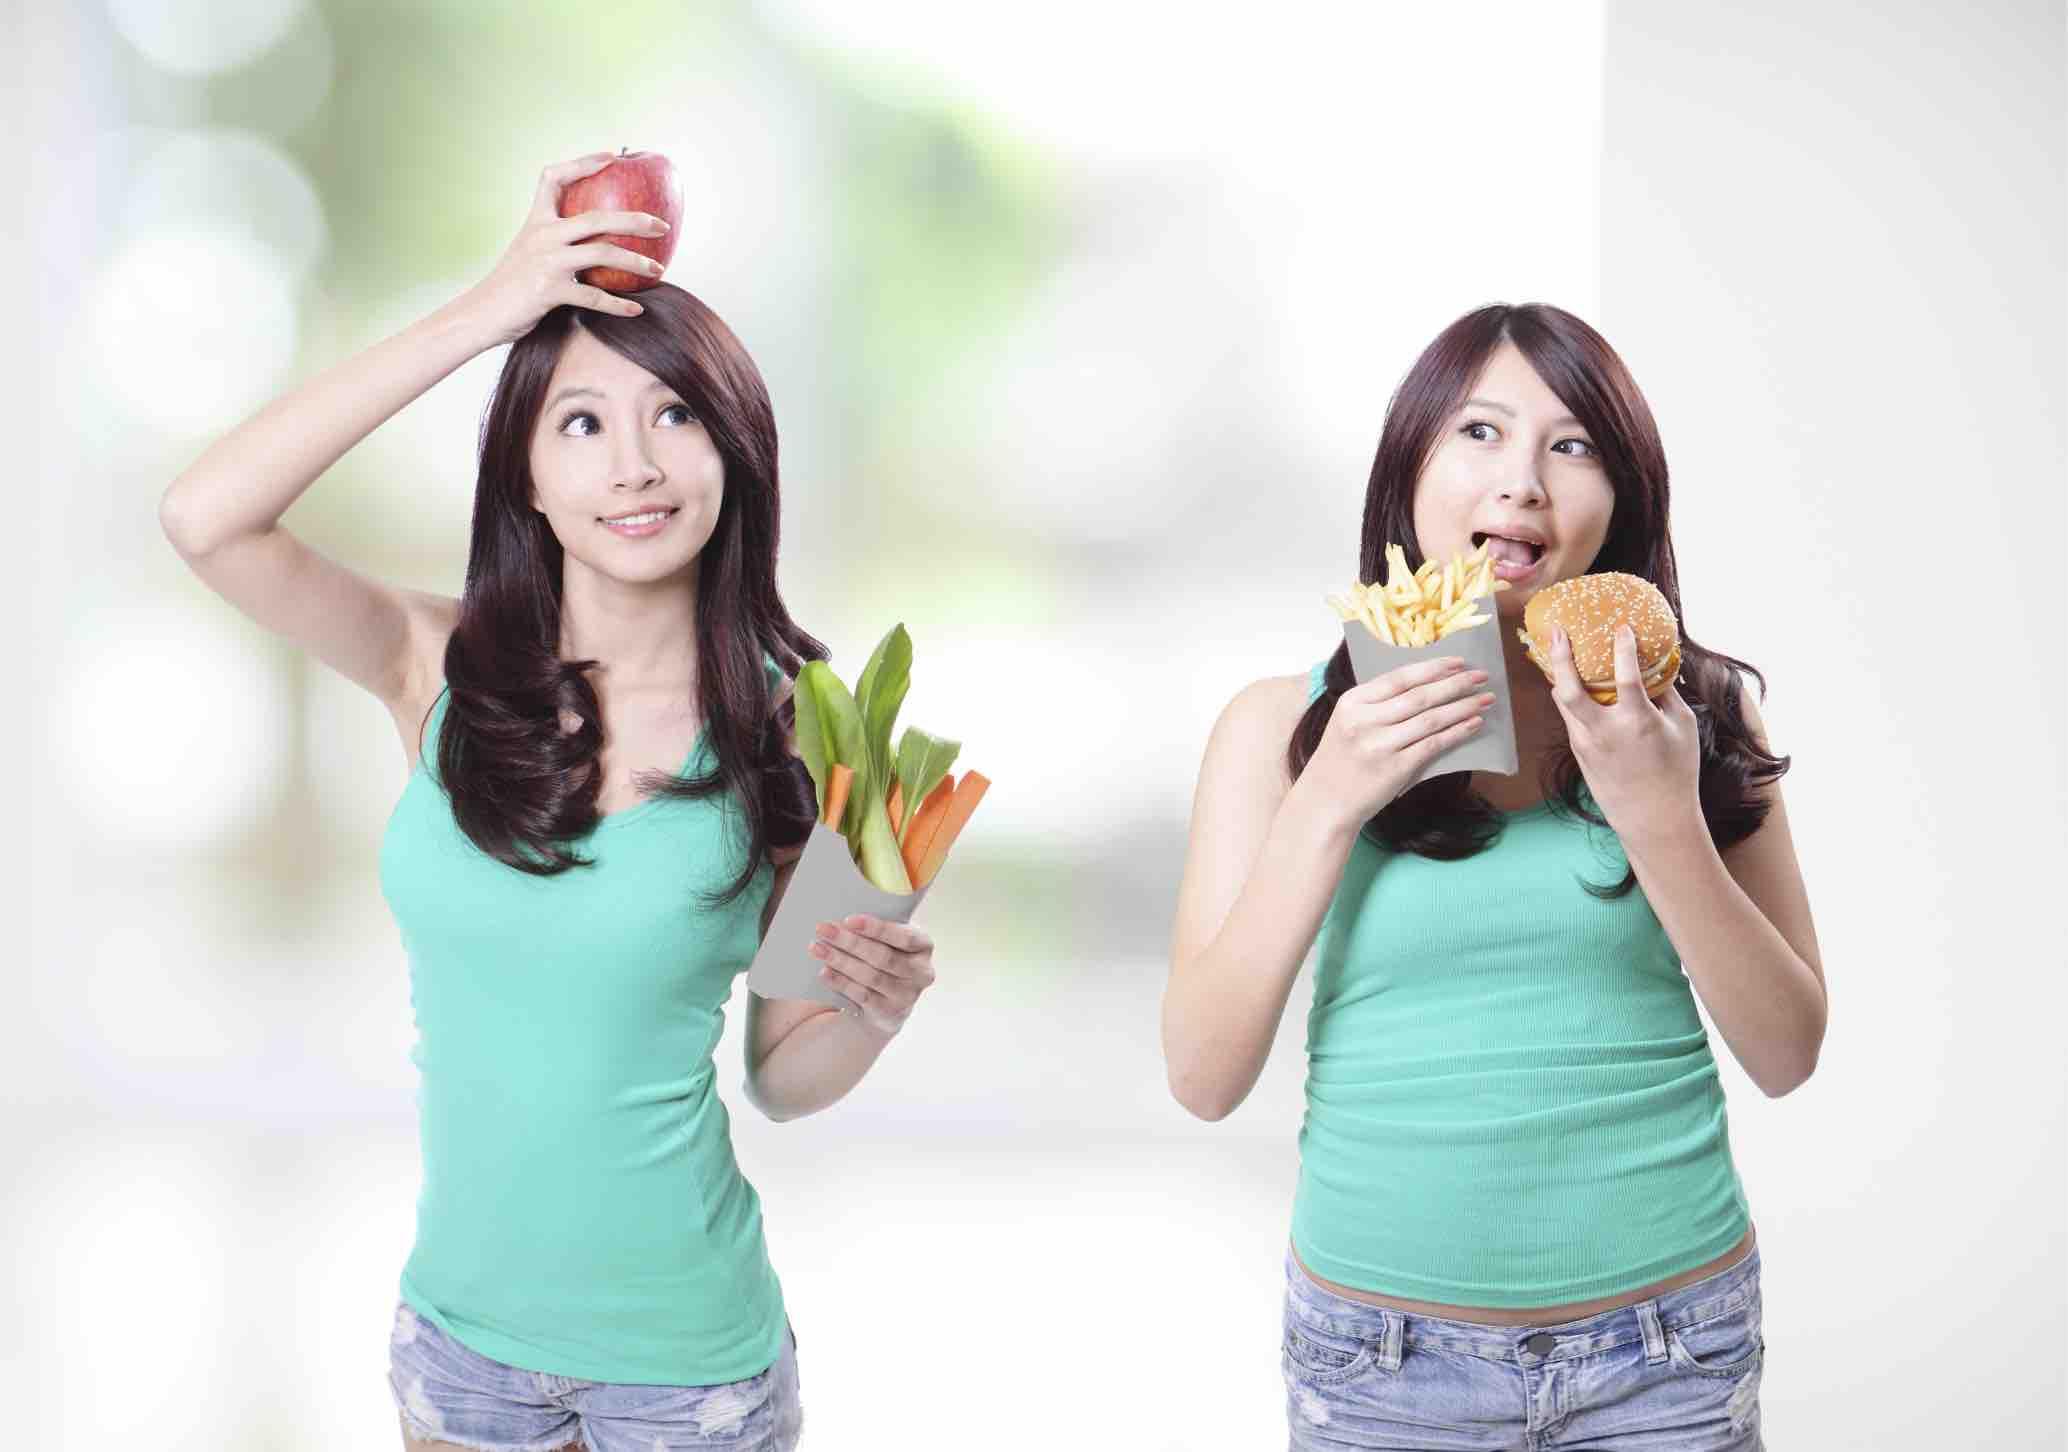 นิสัยการกินของคนที่อ้วนง่ายในช่วงลดน้ำหนัก